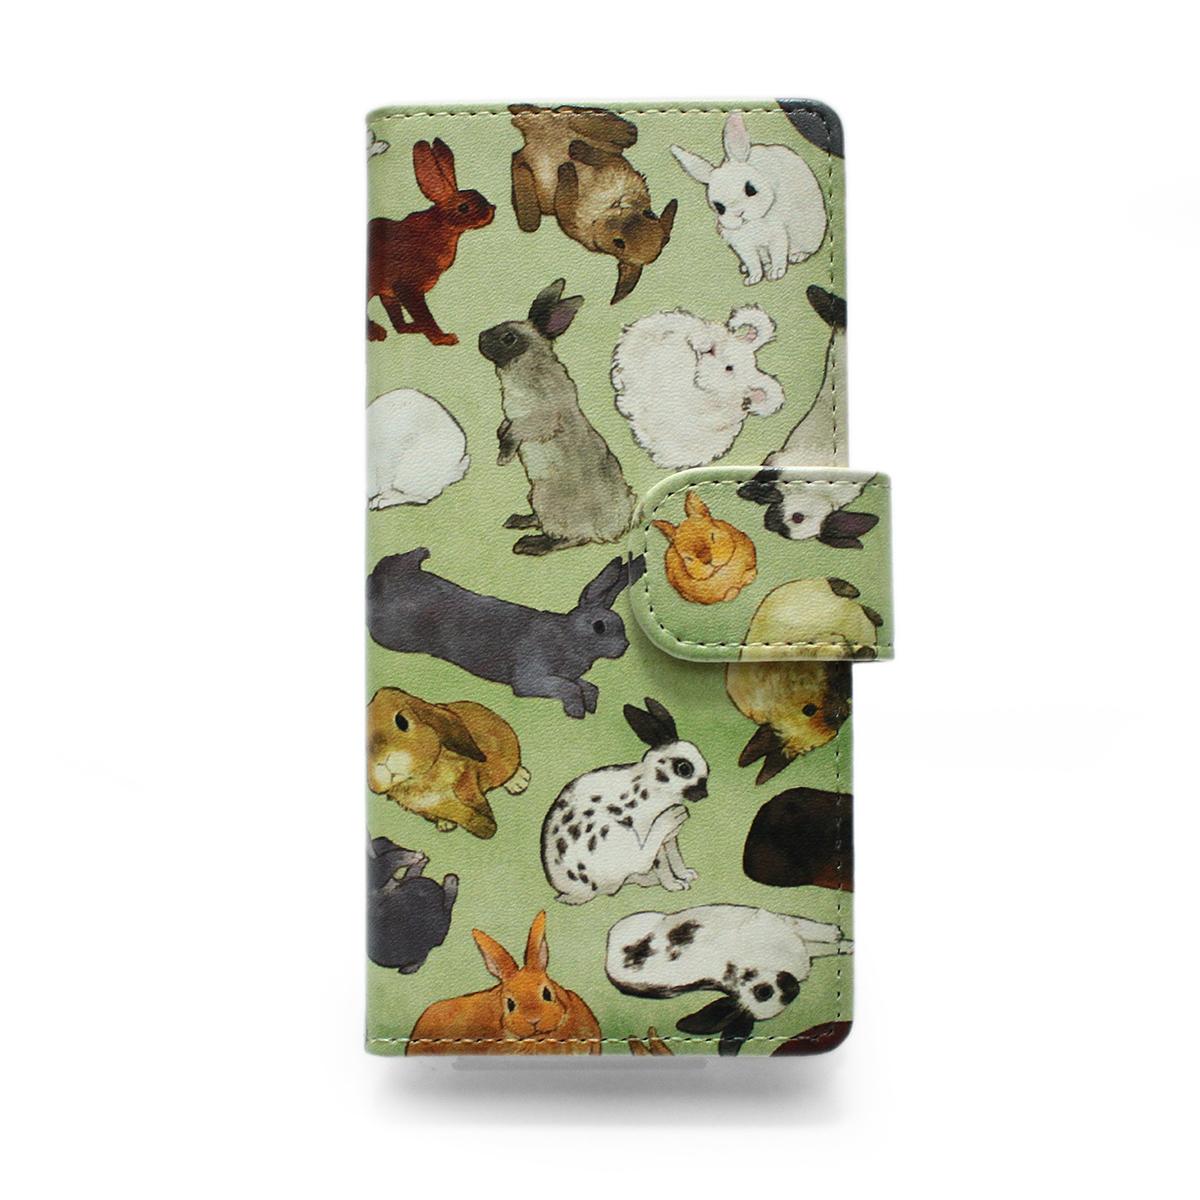 【セール】ウサギ図鑑/ スマートフォンケース (iPhone8/iPhone7/6s/6兼用)